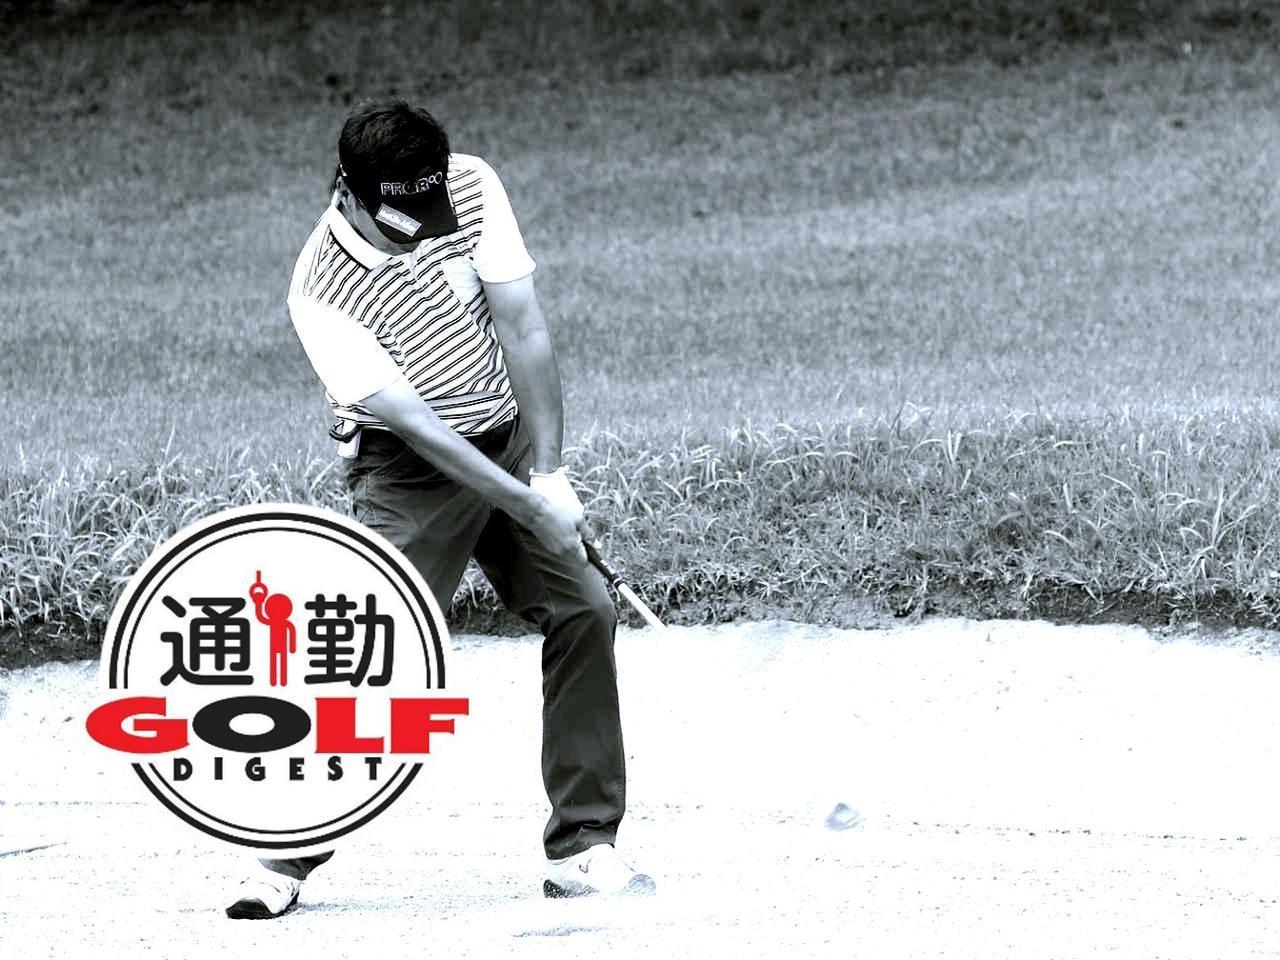 画像: 【通勤GD】高松志門・奥田靖己の一行レッスンVol.33 「ルールブックこそ最高のレッスン書や」ゴルフダイジェストWEB - ゴルフへ行こうWEB by ゴルフダイジェスト